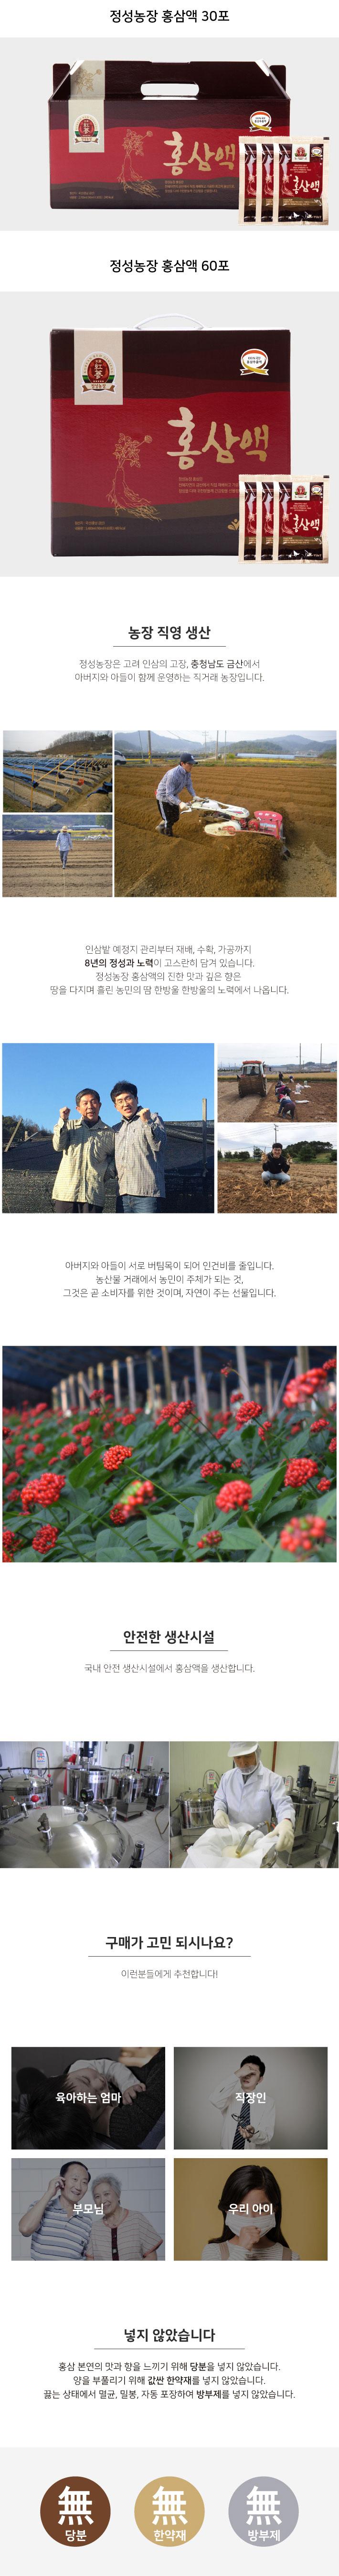 [정성농장]-충남-금산-100%-5년근-홍삼액_상세이미지변경_01.jpg